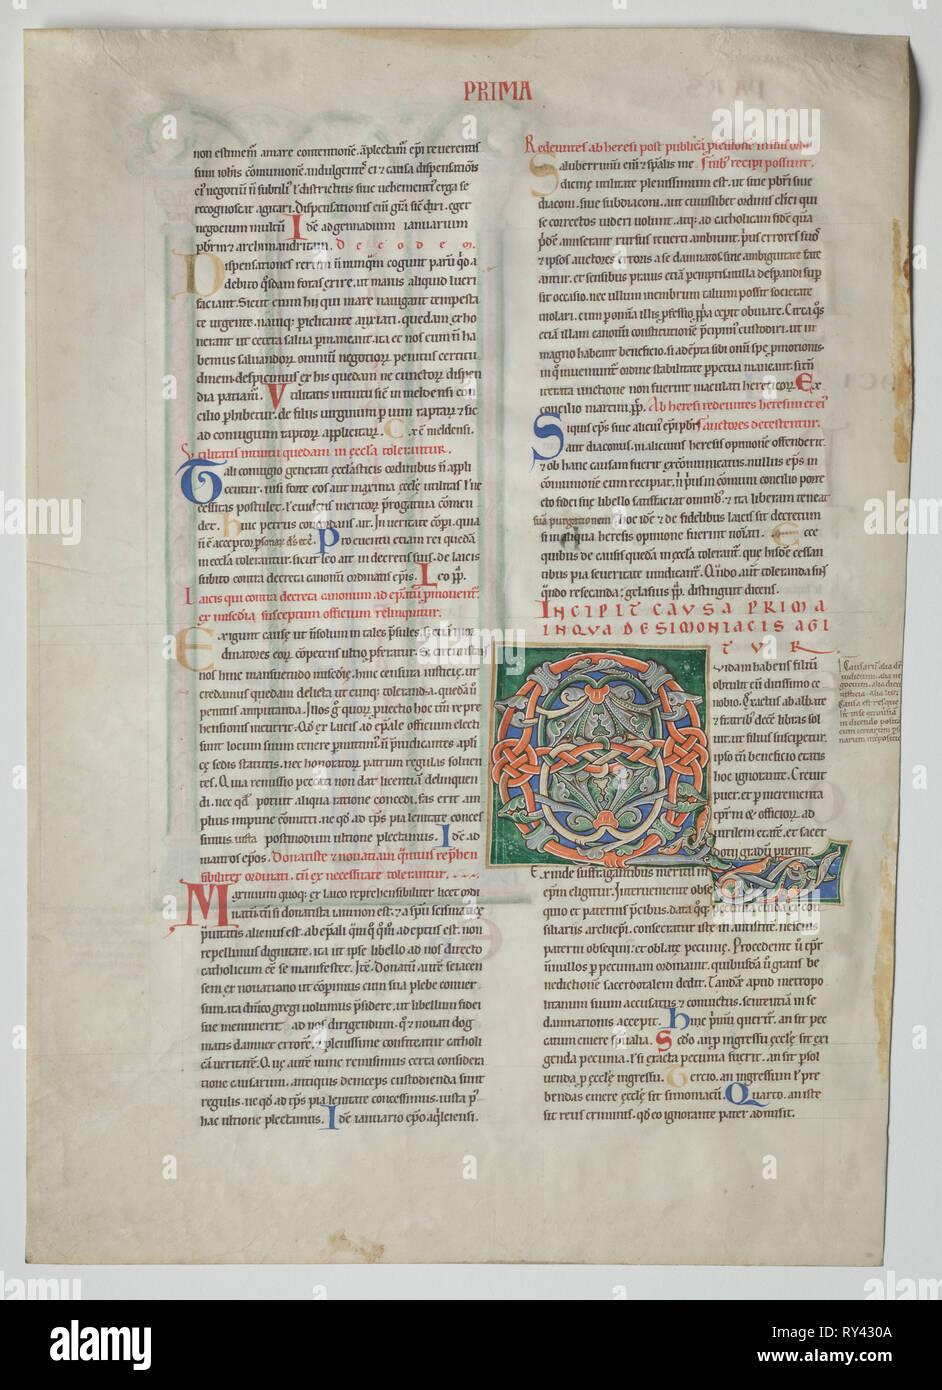 A partir de una sola hoja Decretum de Graciano: Decorado inicial[Q] obtulit uidam habens filium y cuádruples Arcade con concordancia de los alfabetos latino y griego , c. 1160-1165. Francia, Borgoña, Archidiócesis de Sens, Abadía de Pontigny, siglo xii. Tinta y témpera sobre pergamino; hoja: 44,8 x 32 cm (17 5/8 x 12 5/8 pulg.); enmarcada: 63,5 x 48,3 cm (25 x 19 pulg.); mate: 55,9 x 40,6 cm (22 x 16 Foto de stock